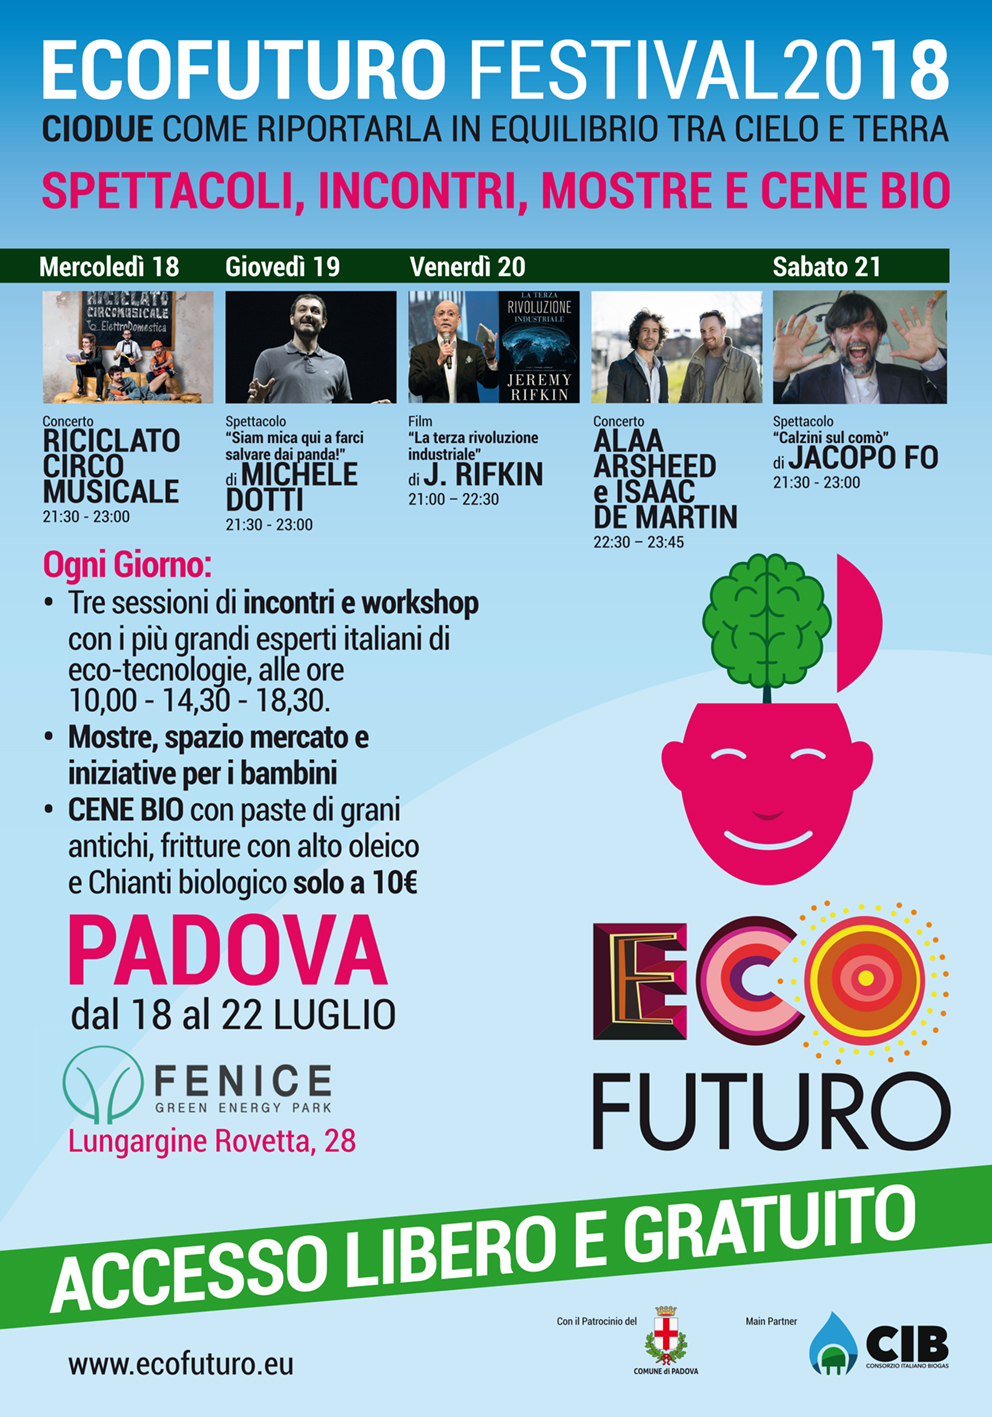 Ecofuturo 2018 programma